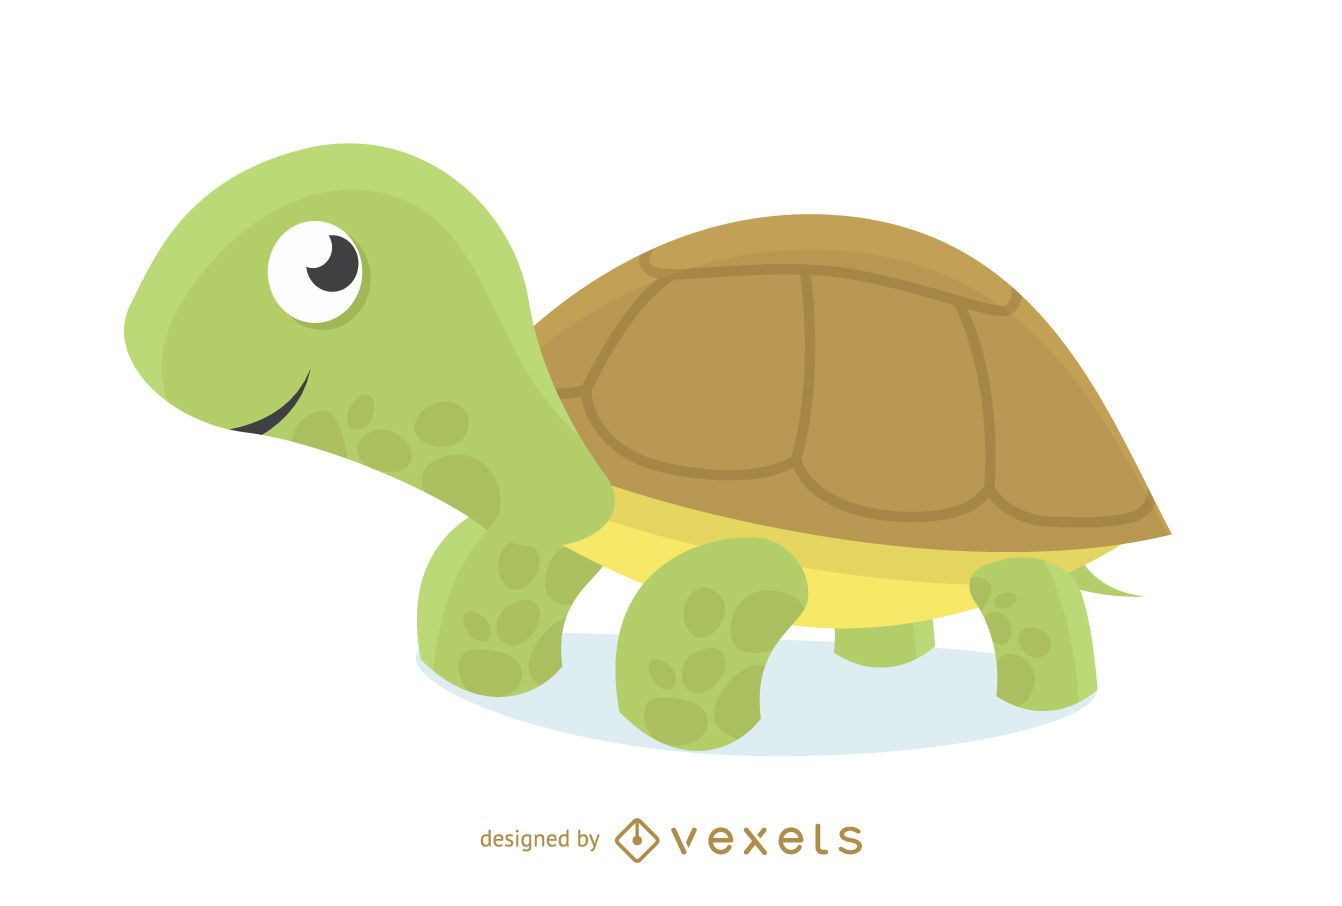 Dibujos animados de ilustraci?n de tortuga amigable